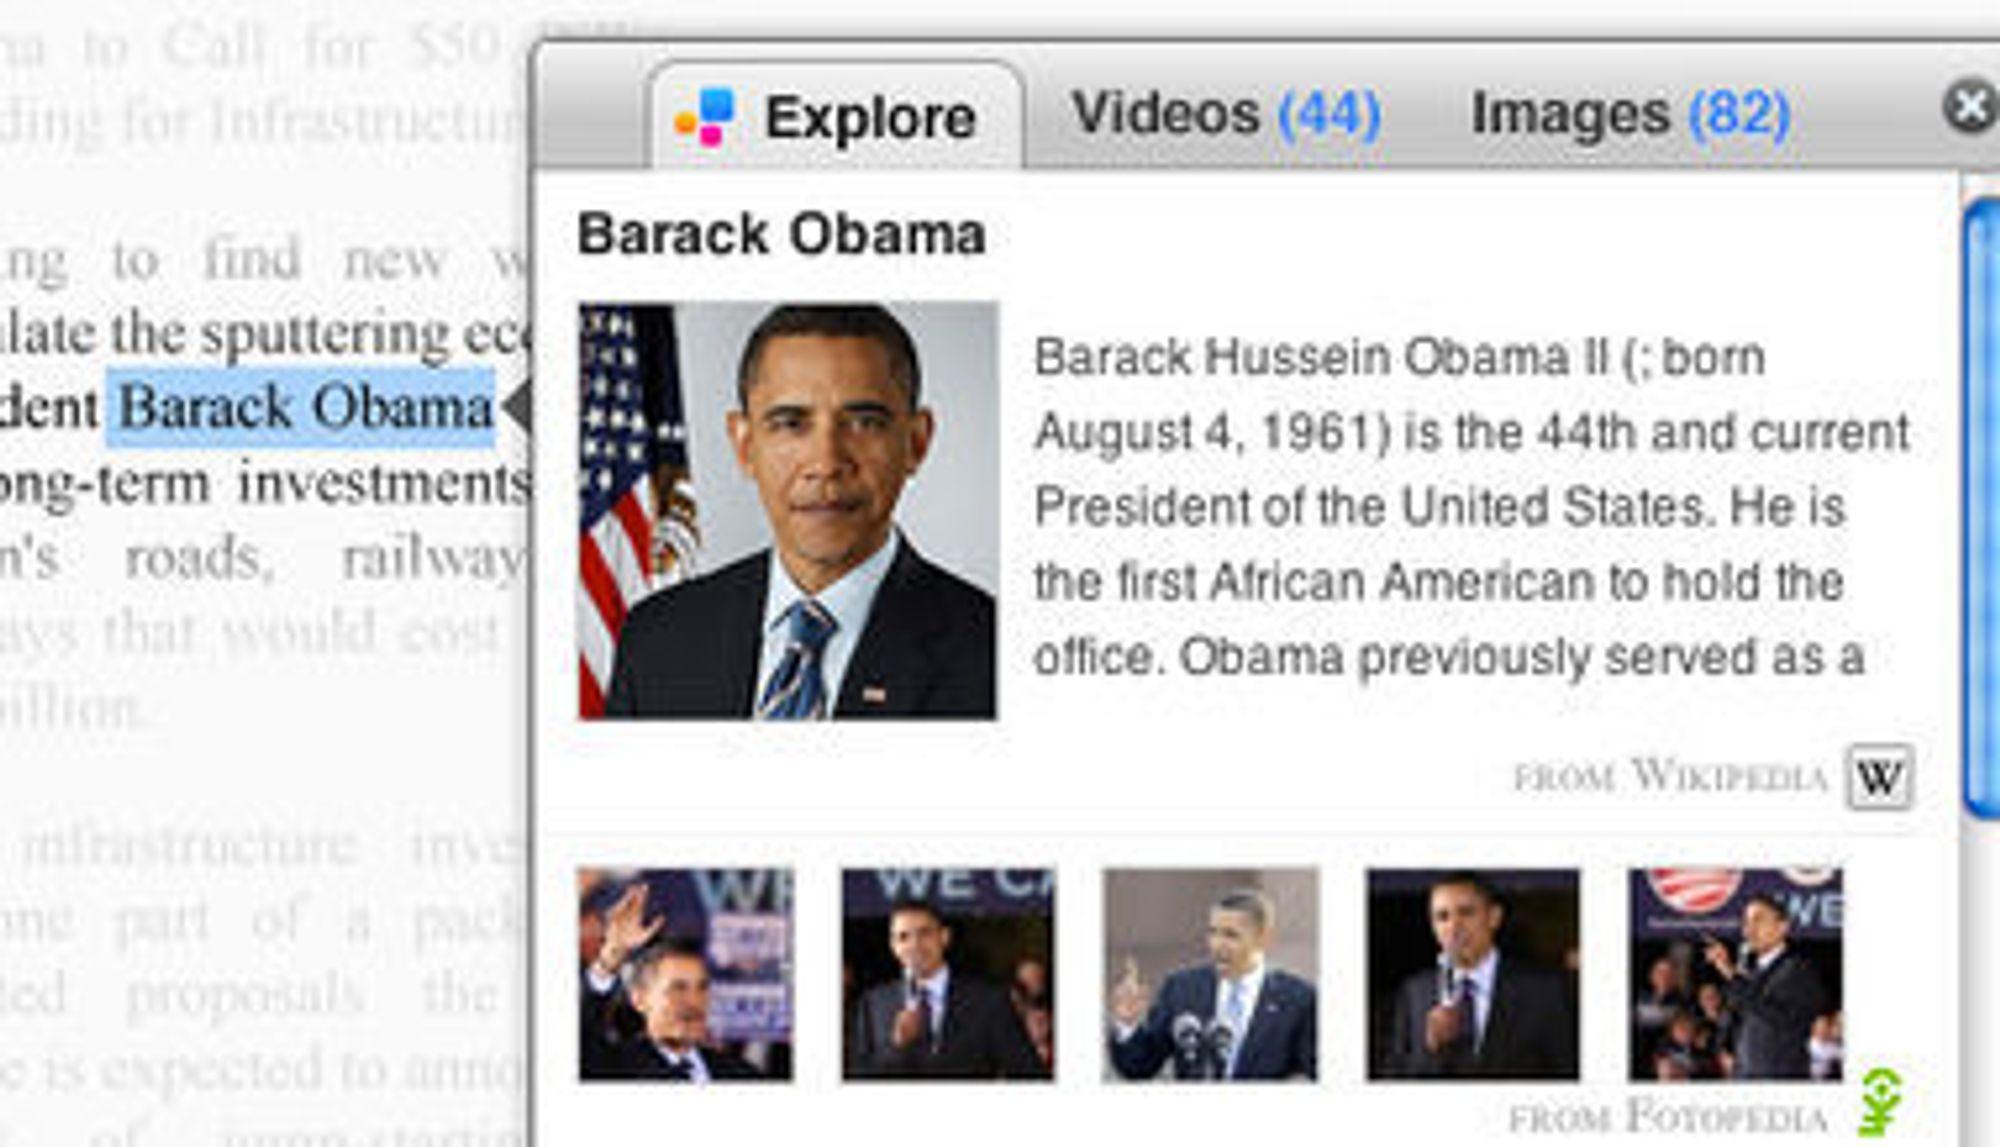 Apture Highlights åpner et vindu med mer informasjon om ordene brukeren har markert i en webside.